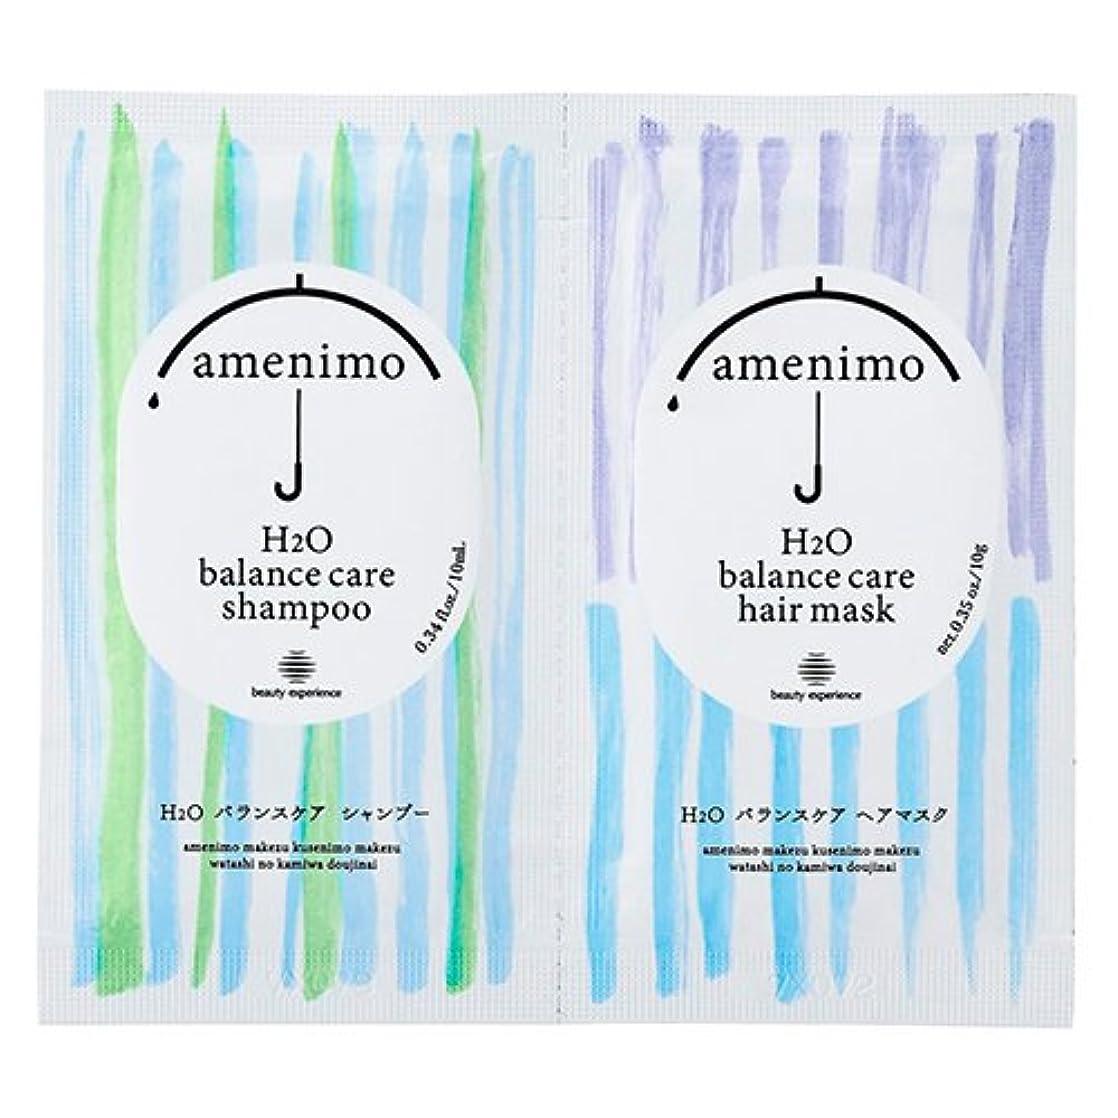 ネックレス運搬戦闘amenimo(アメニモ) H2O バランスケア シャンプー&ヘアマスク 1dayお試し 10mL+10g